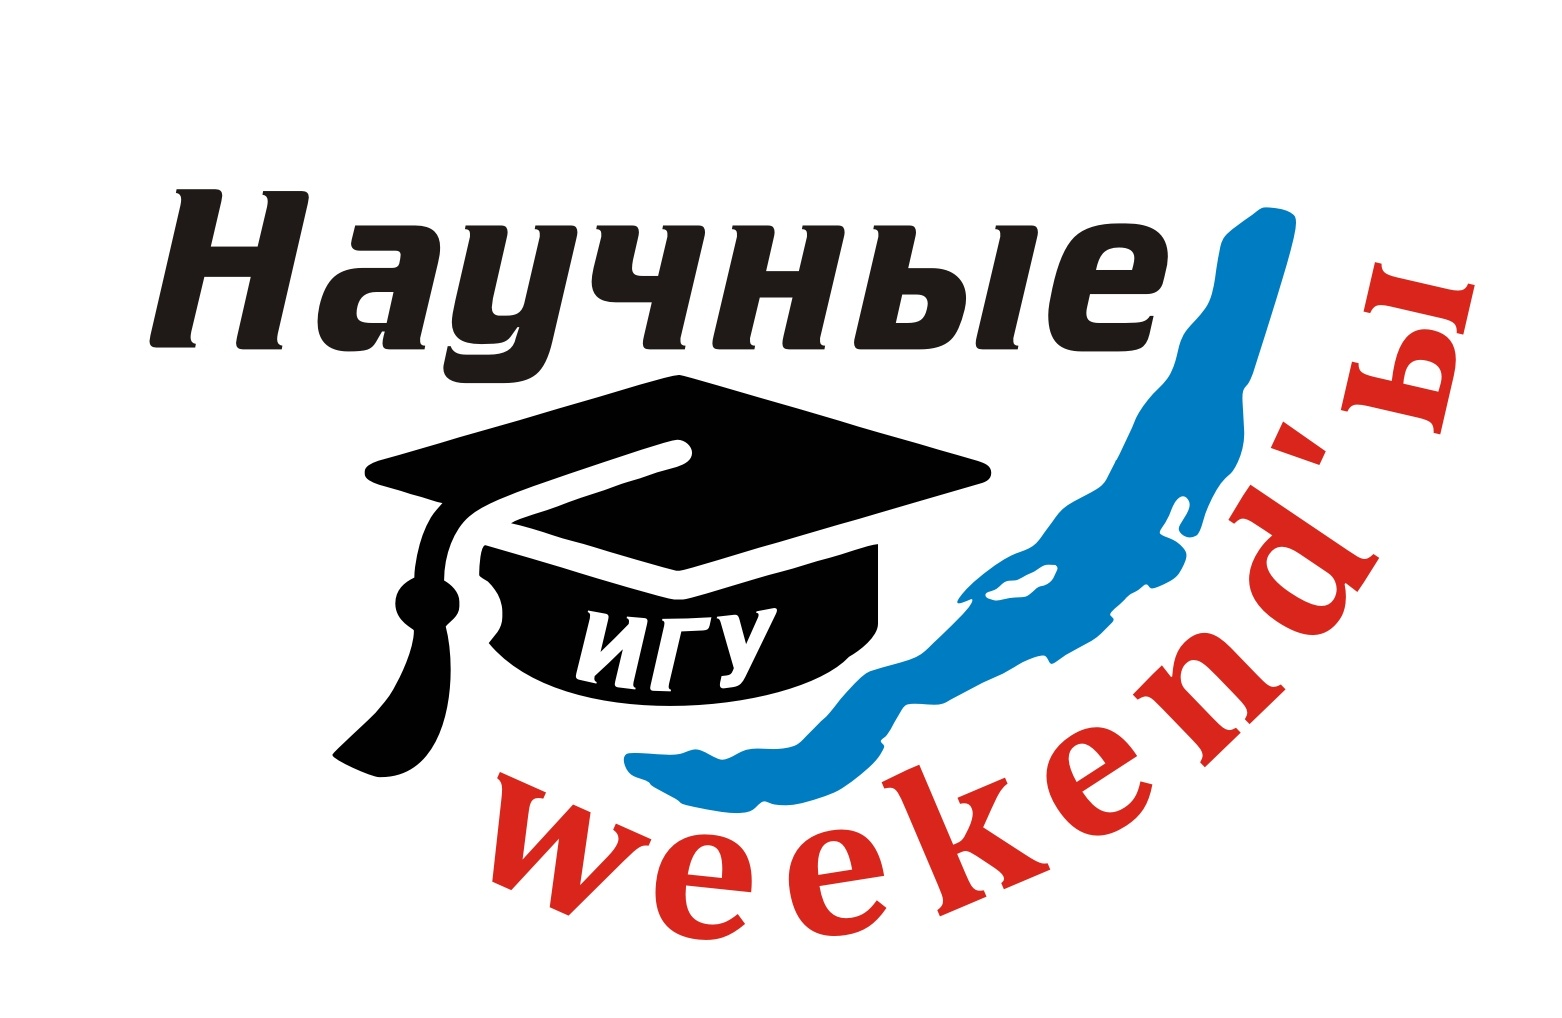 Научные weekend-Ы